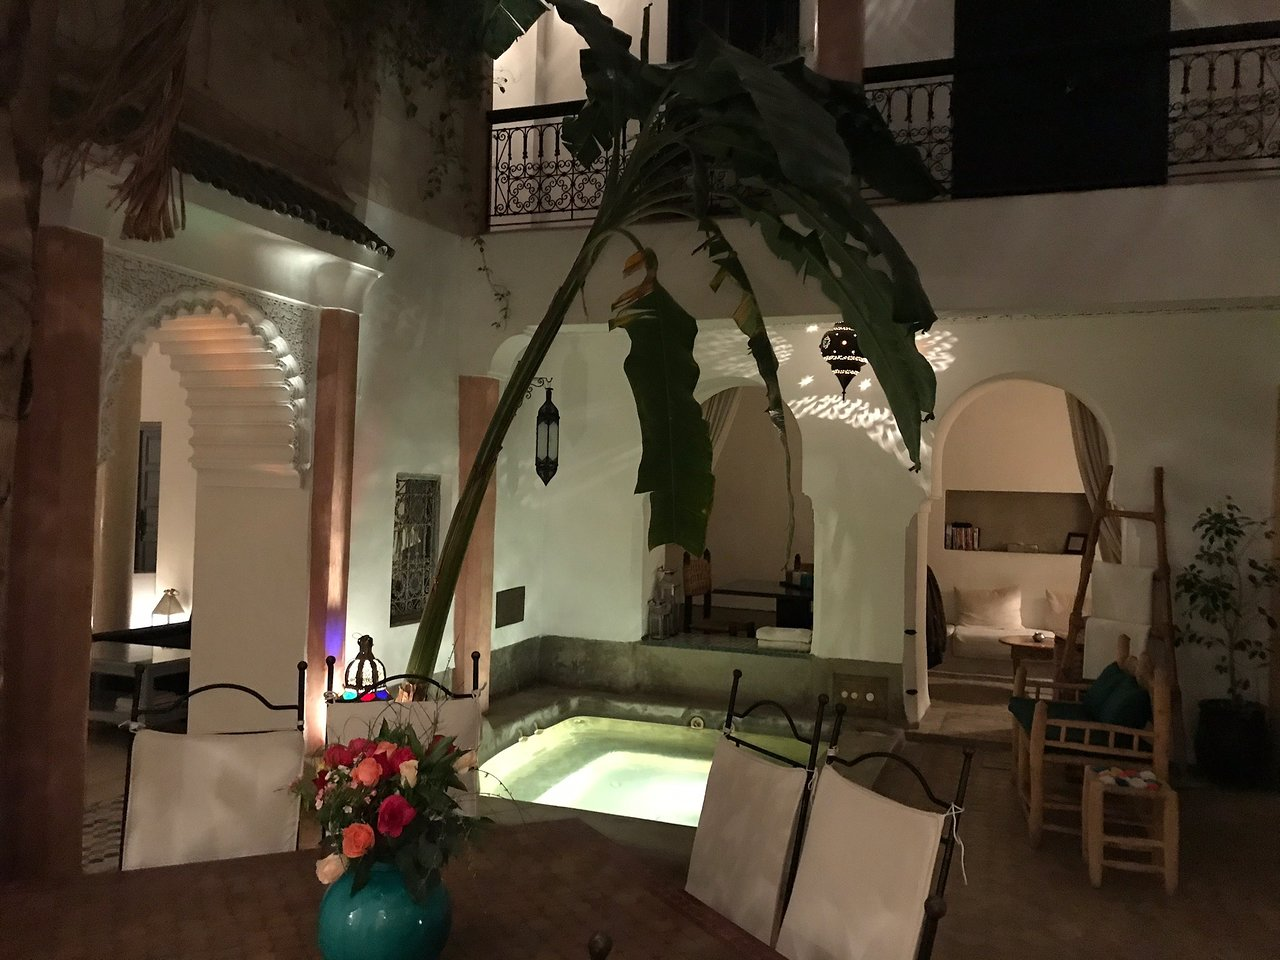 Marrakech Decoration D Interieur riad tawargit $93 ($̶1̶0̶2̶) - updated 2020 prices & guest